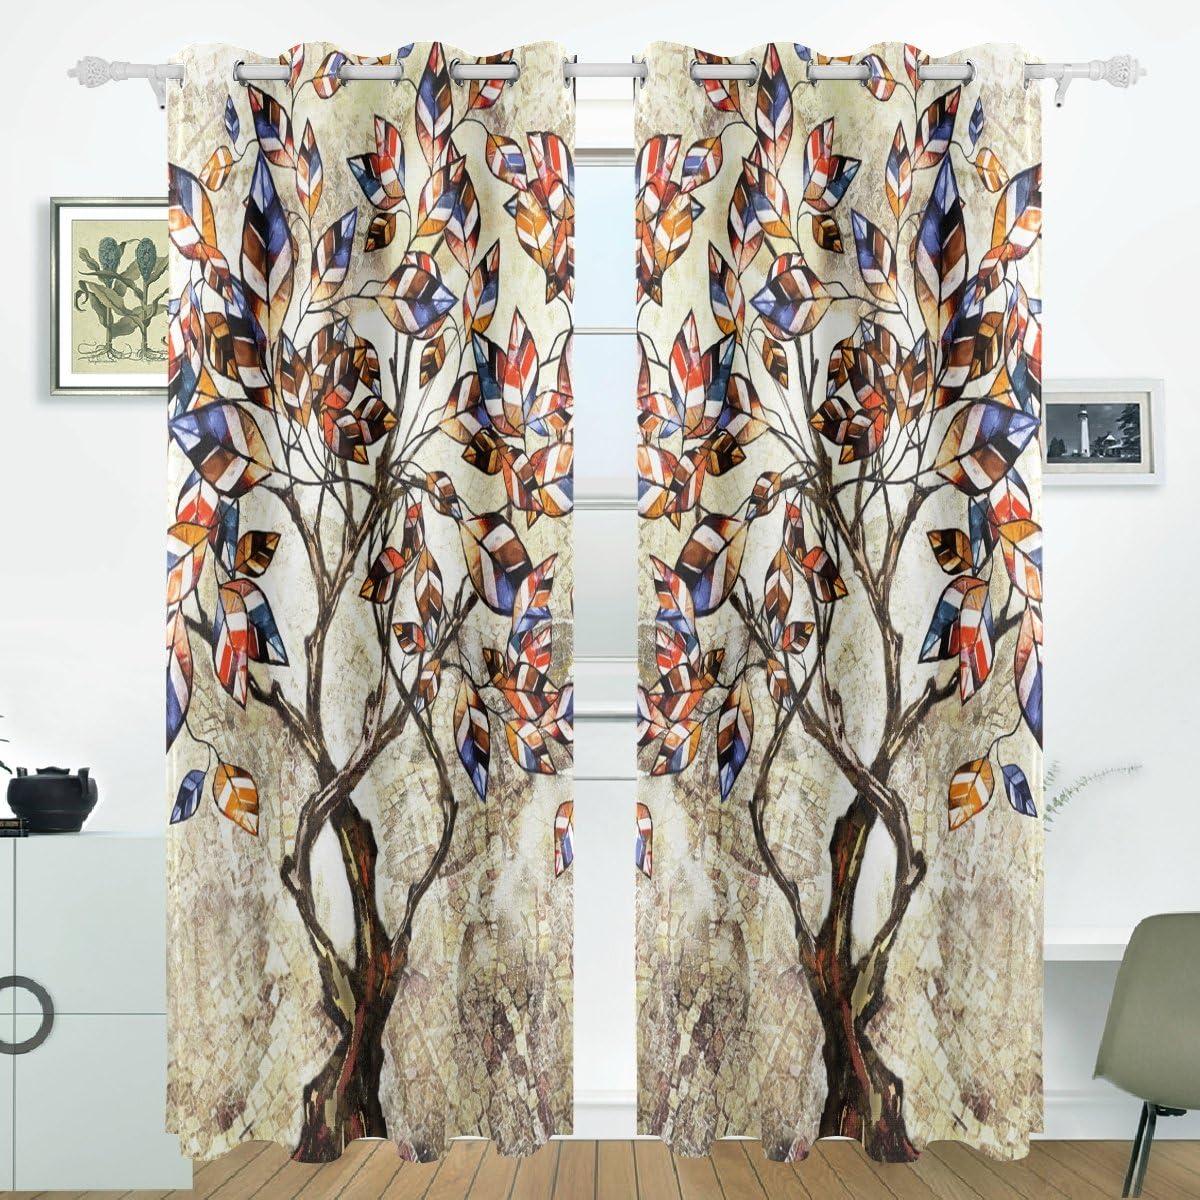 ランキング総合1位 ストア JSTEL Thermal Insulated Curtain Tree Dark Blackout Room Curtains